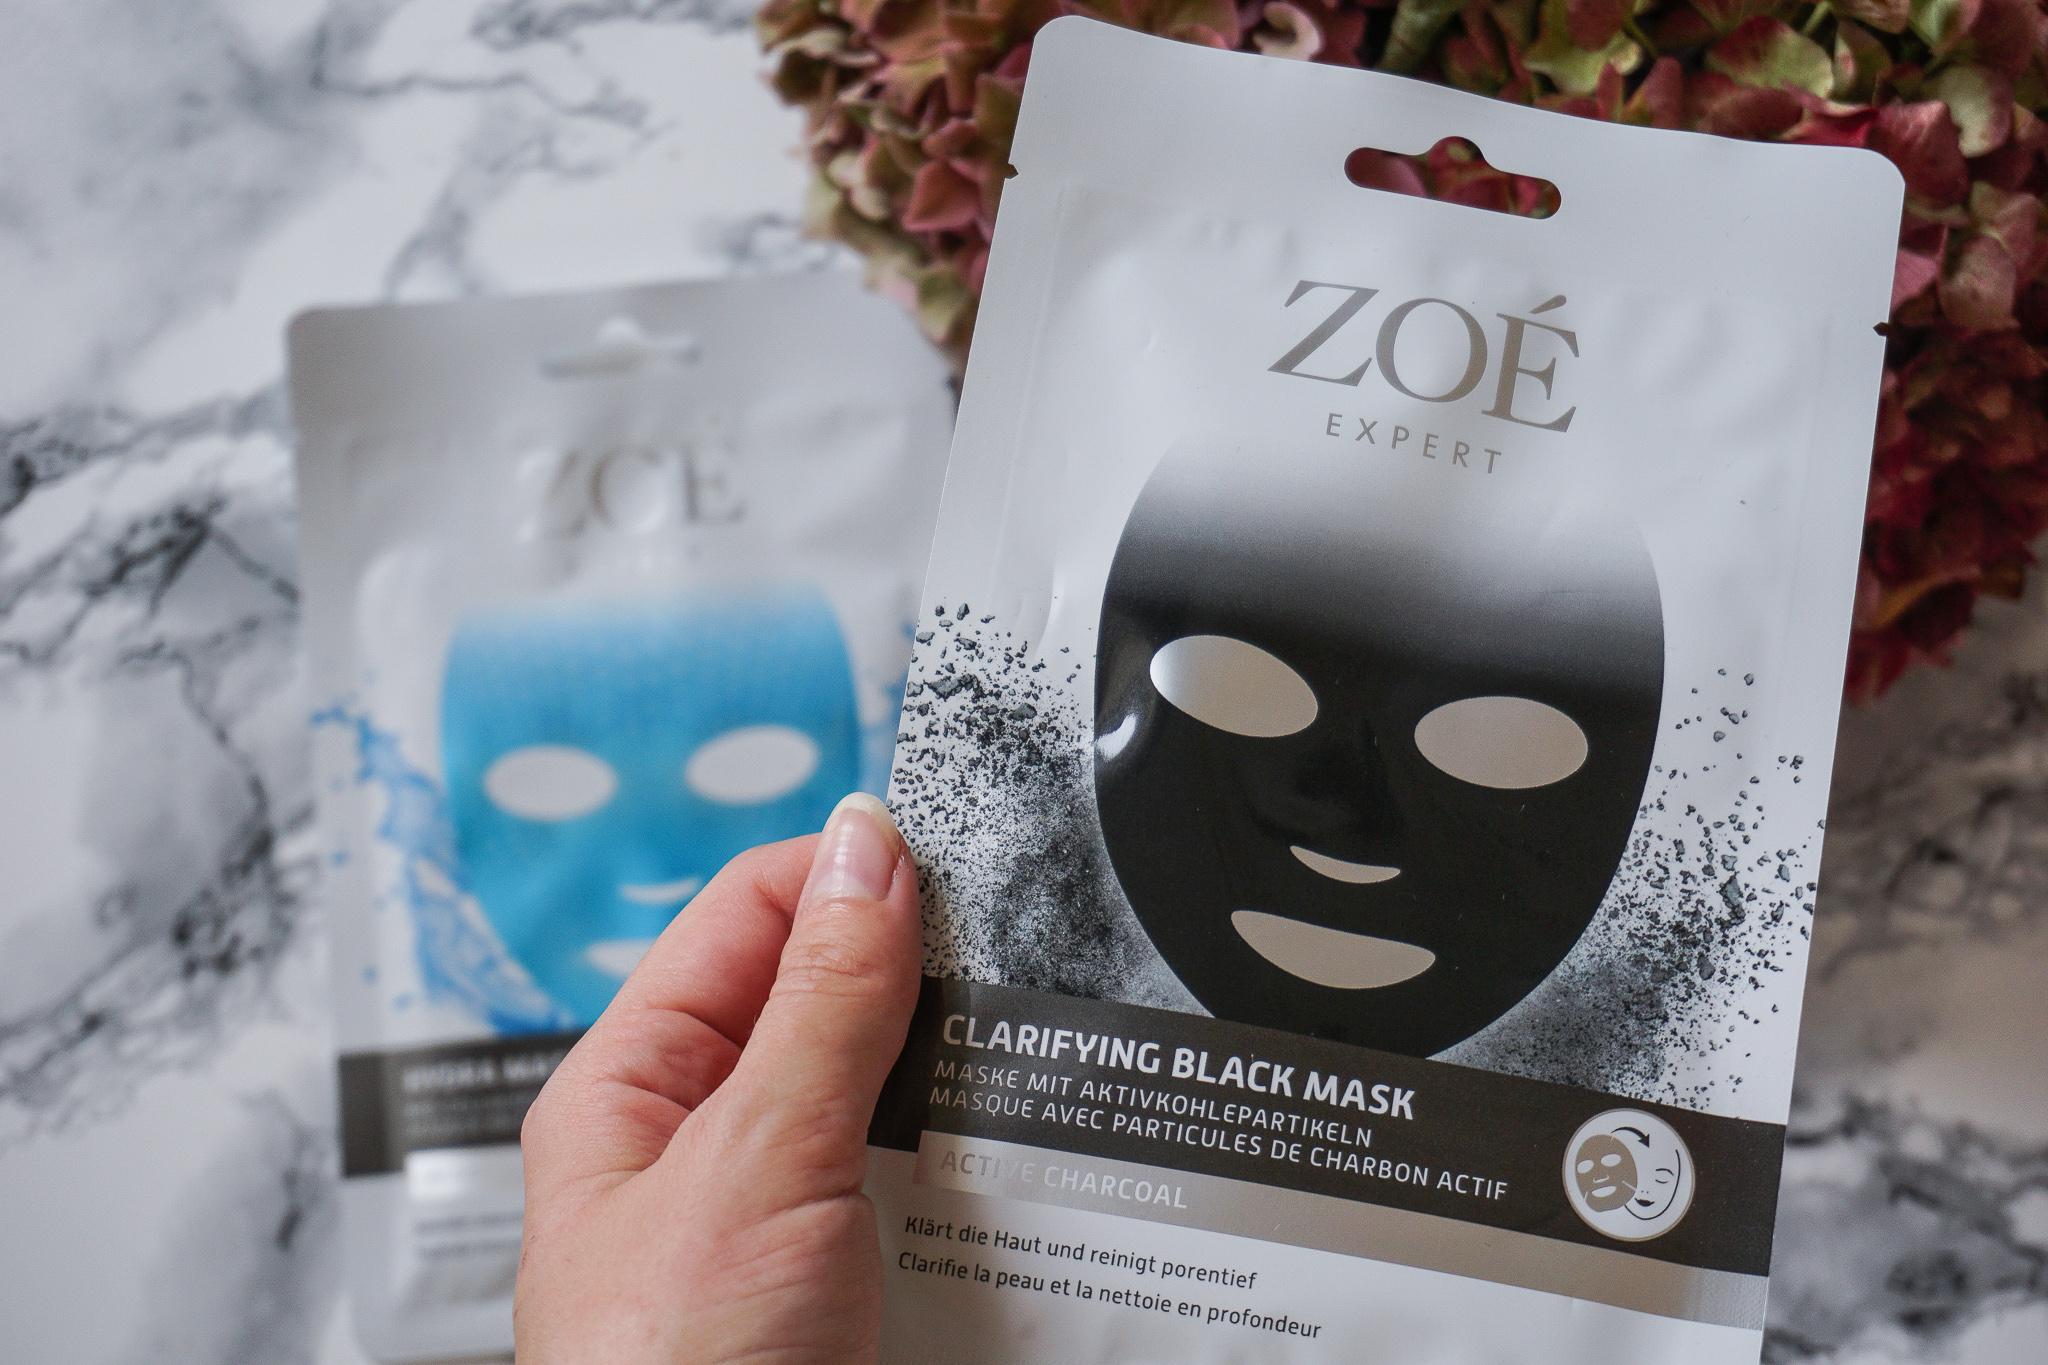 Zoe Gesichtsmaske